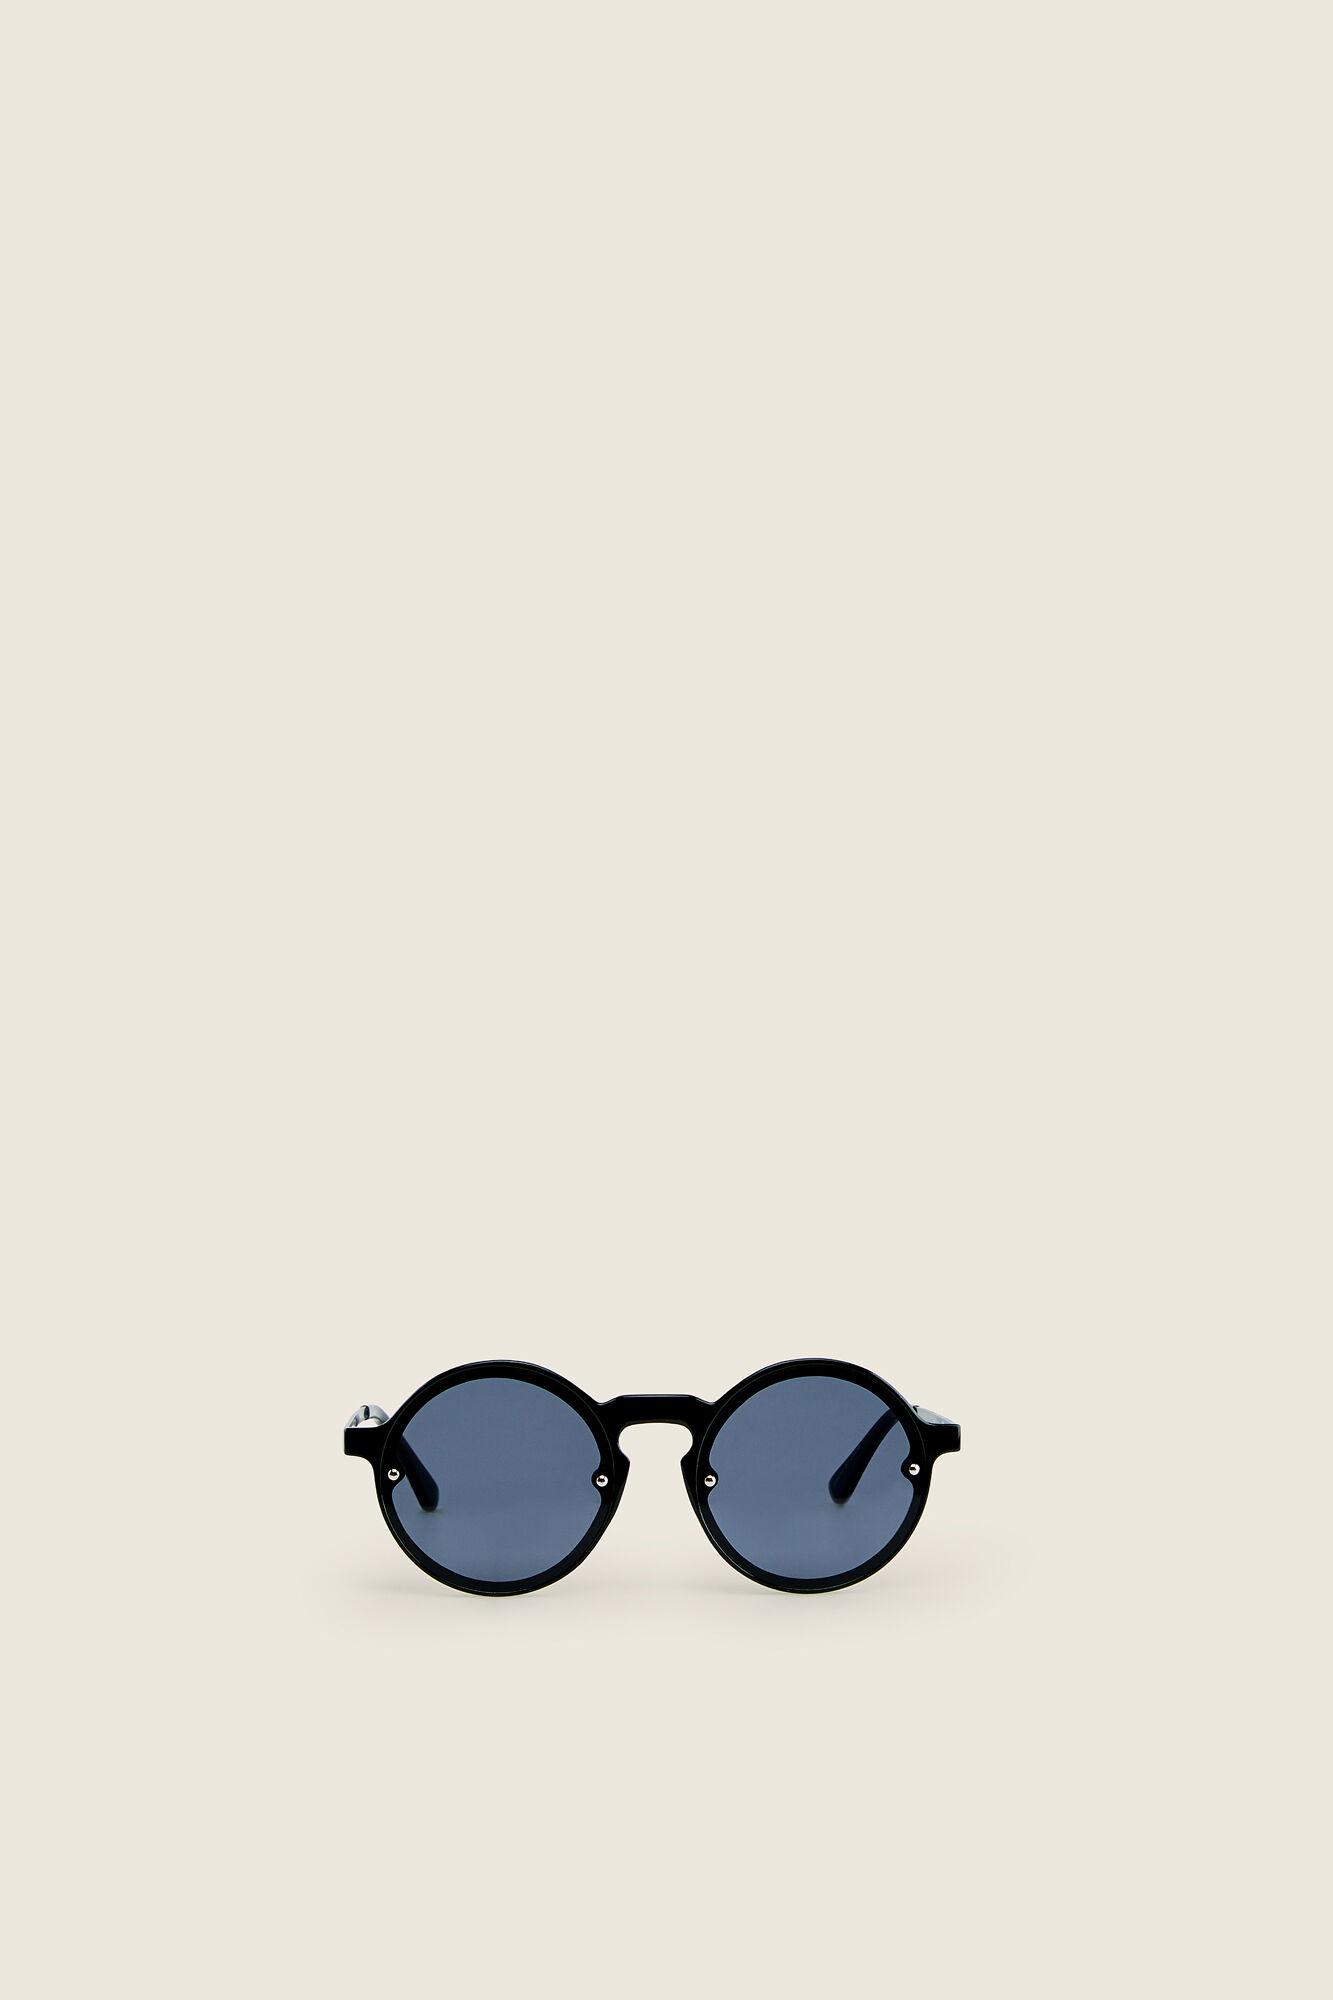 81b2ae5a34 Gafas sol montura pasta y funda cebra | Bisutería y gafas de sol ...